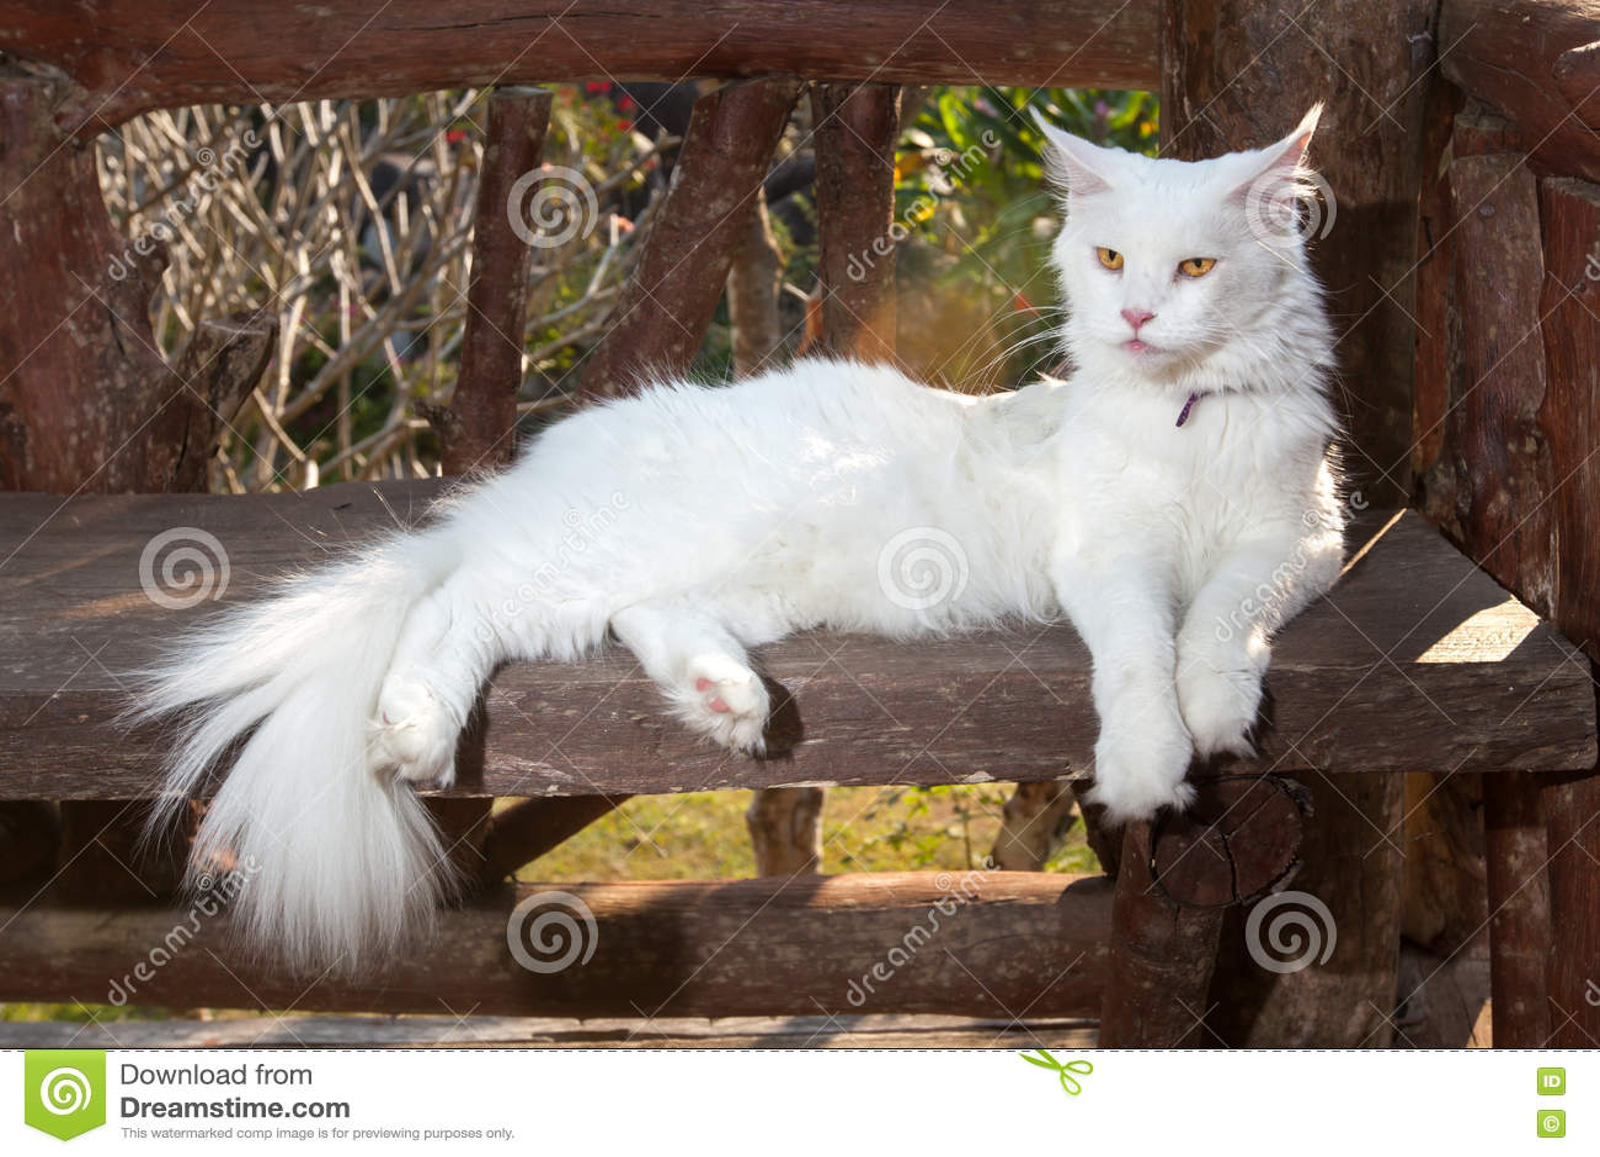 Weiße Maine Coon Cat Auf Der Bank Stockfoto Bild Von Gras Blume